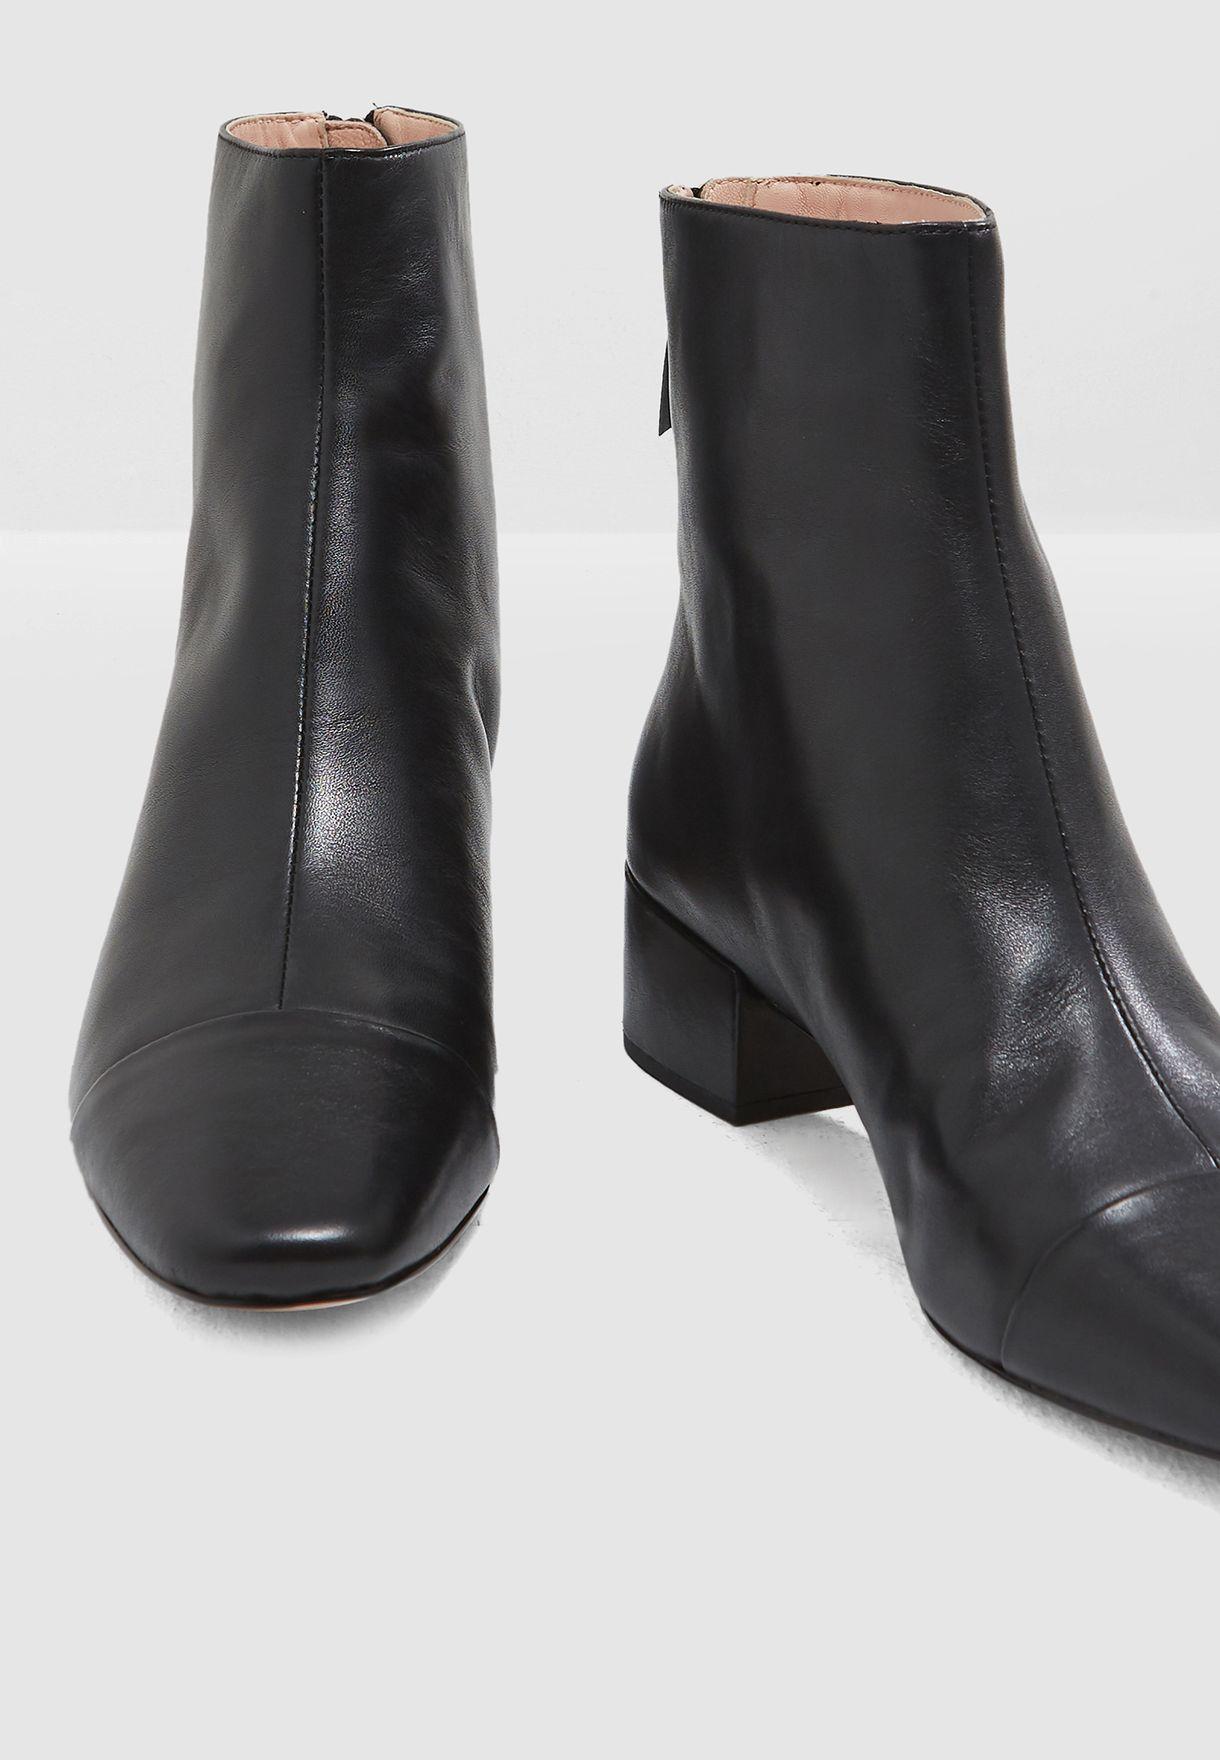 c881c1546e6ca Shop J.Crew black Leona Ankle Boot J9988 for Women in UAE - JC720SH62PGR